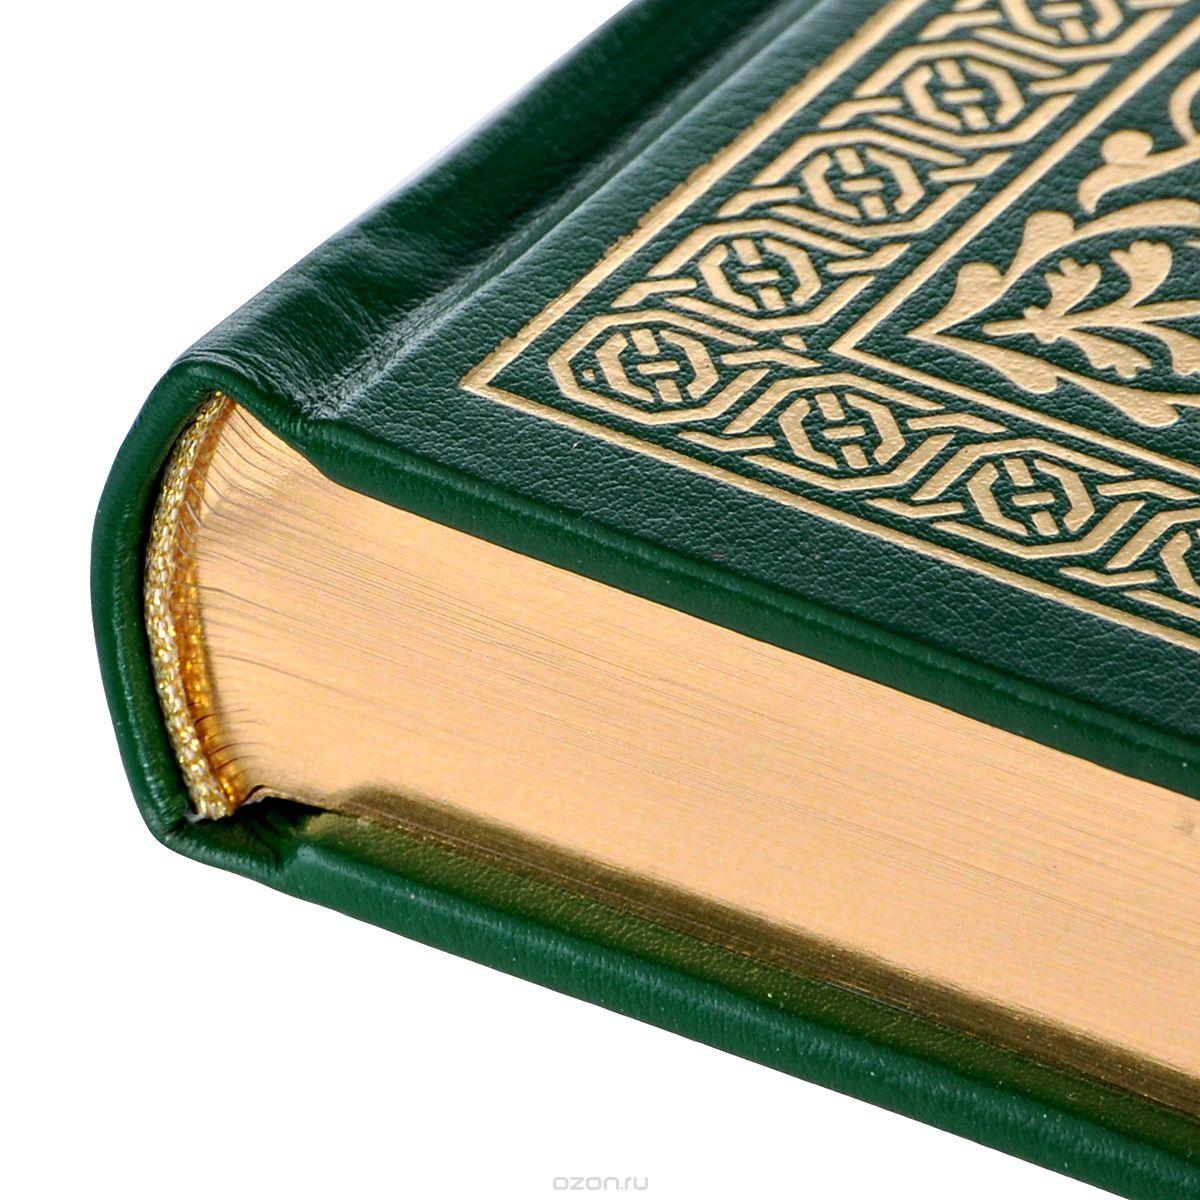 Коран запрещает выдачу ссуды под проценты